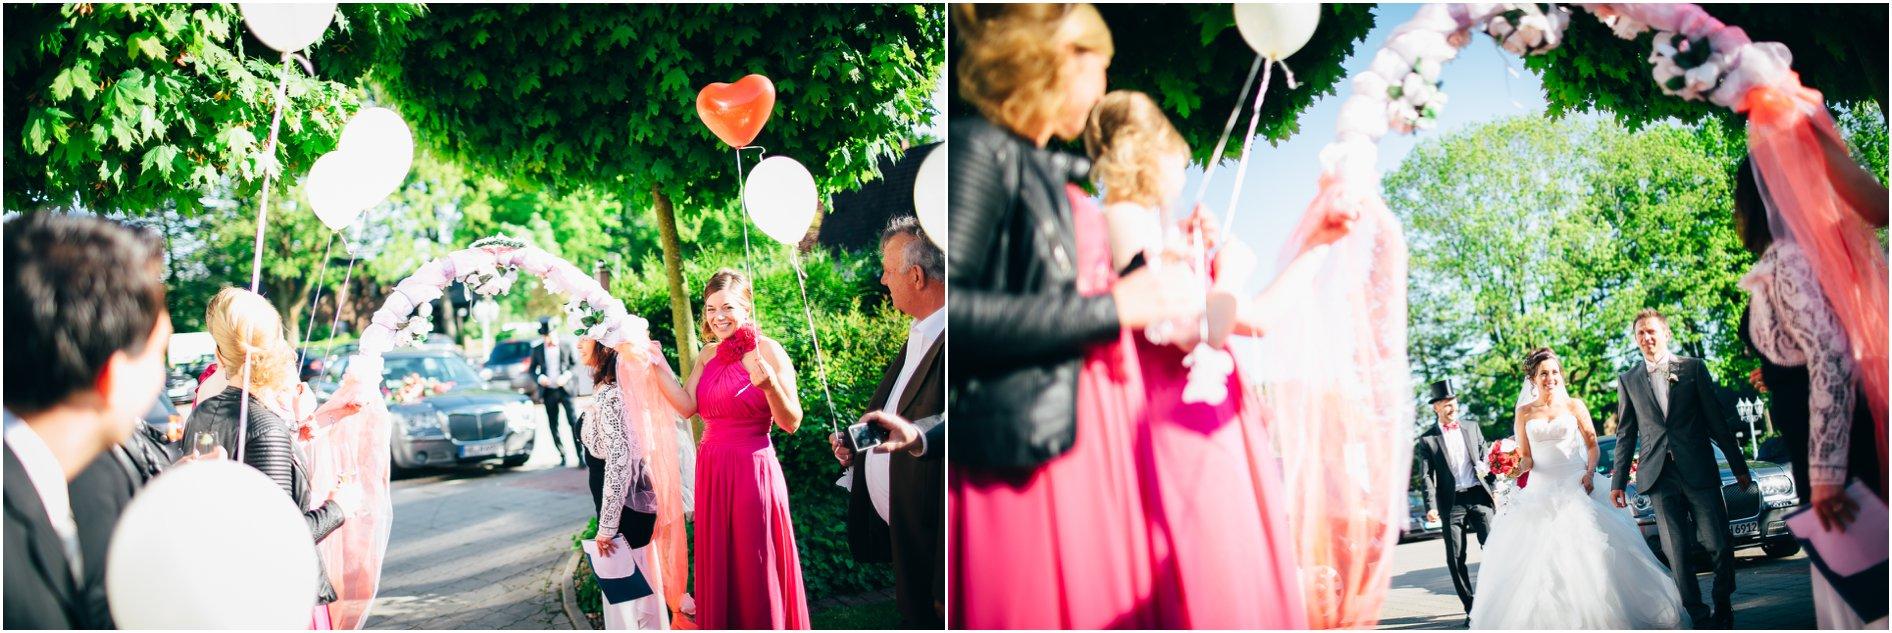 2014-07-16_0202 Anna & Igor - Hochzeitsfotograf in Bremen